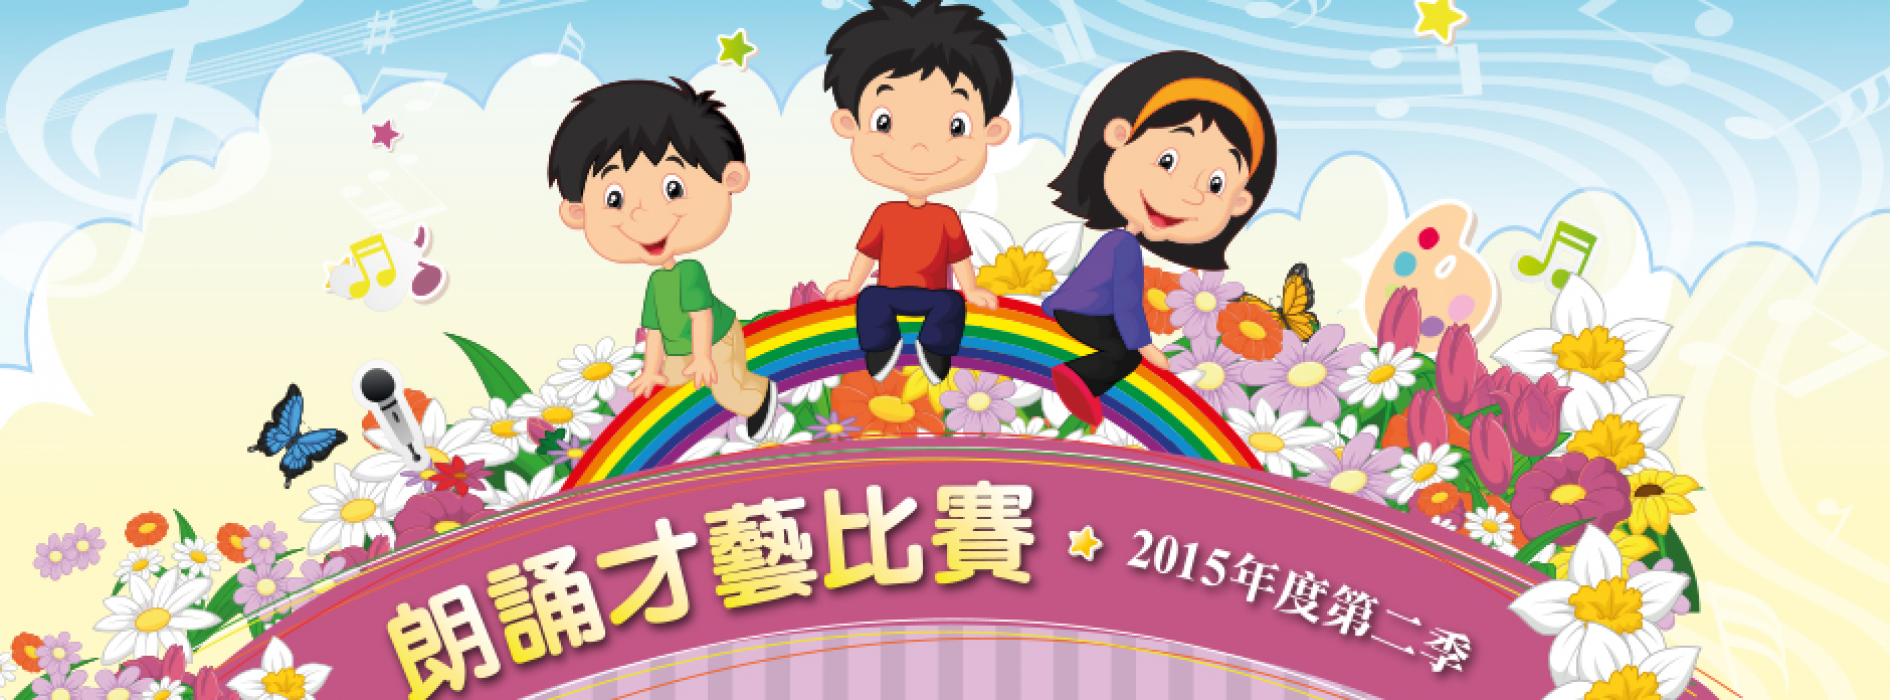 学习地图王 儿童比赛 朗诵才艺比赛2015年度第二季 [截止报名:8月20日